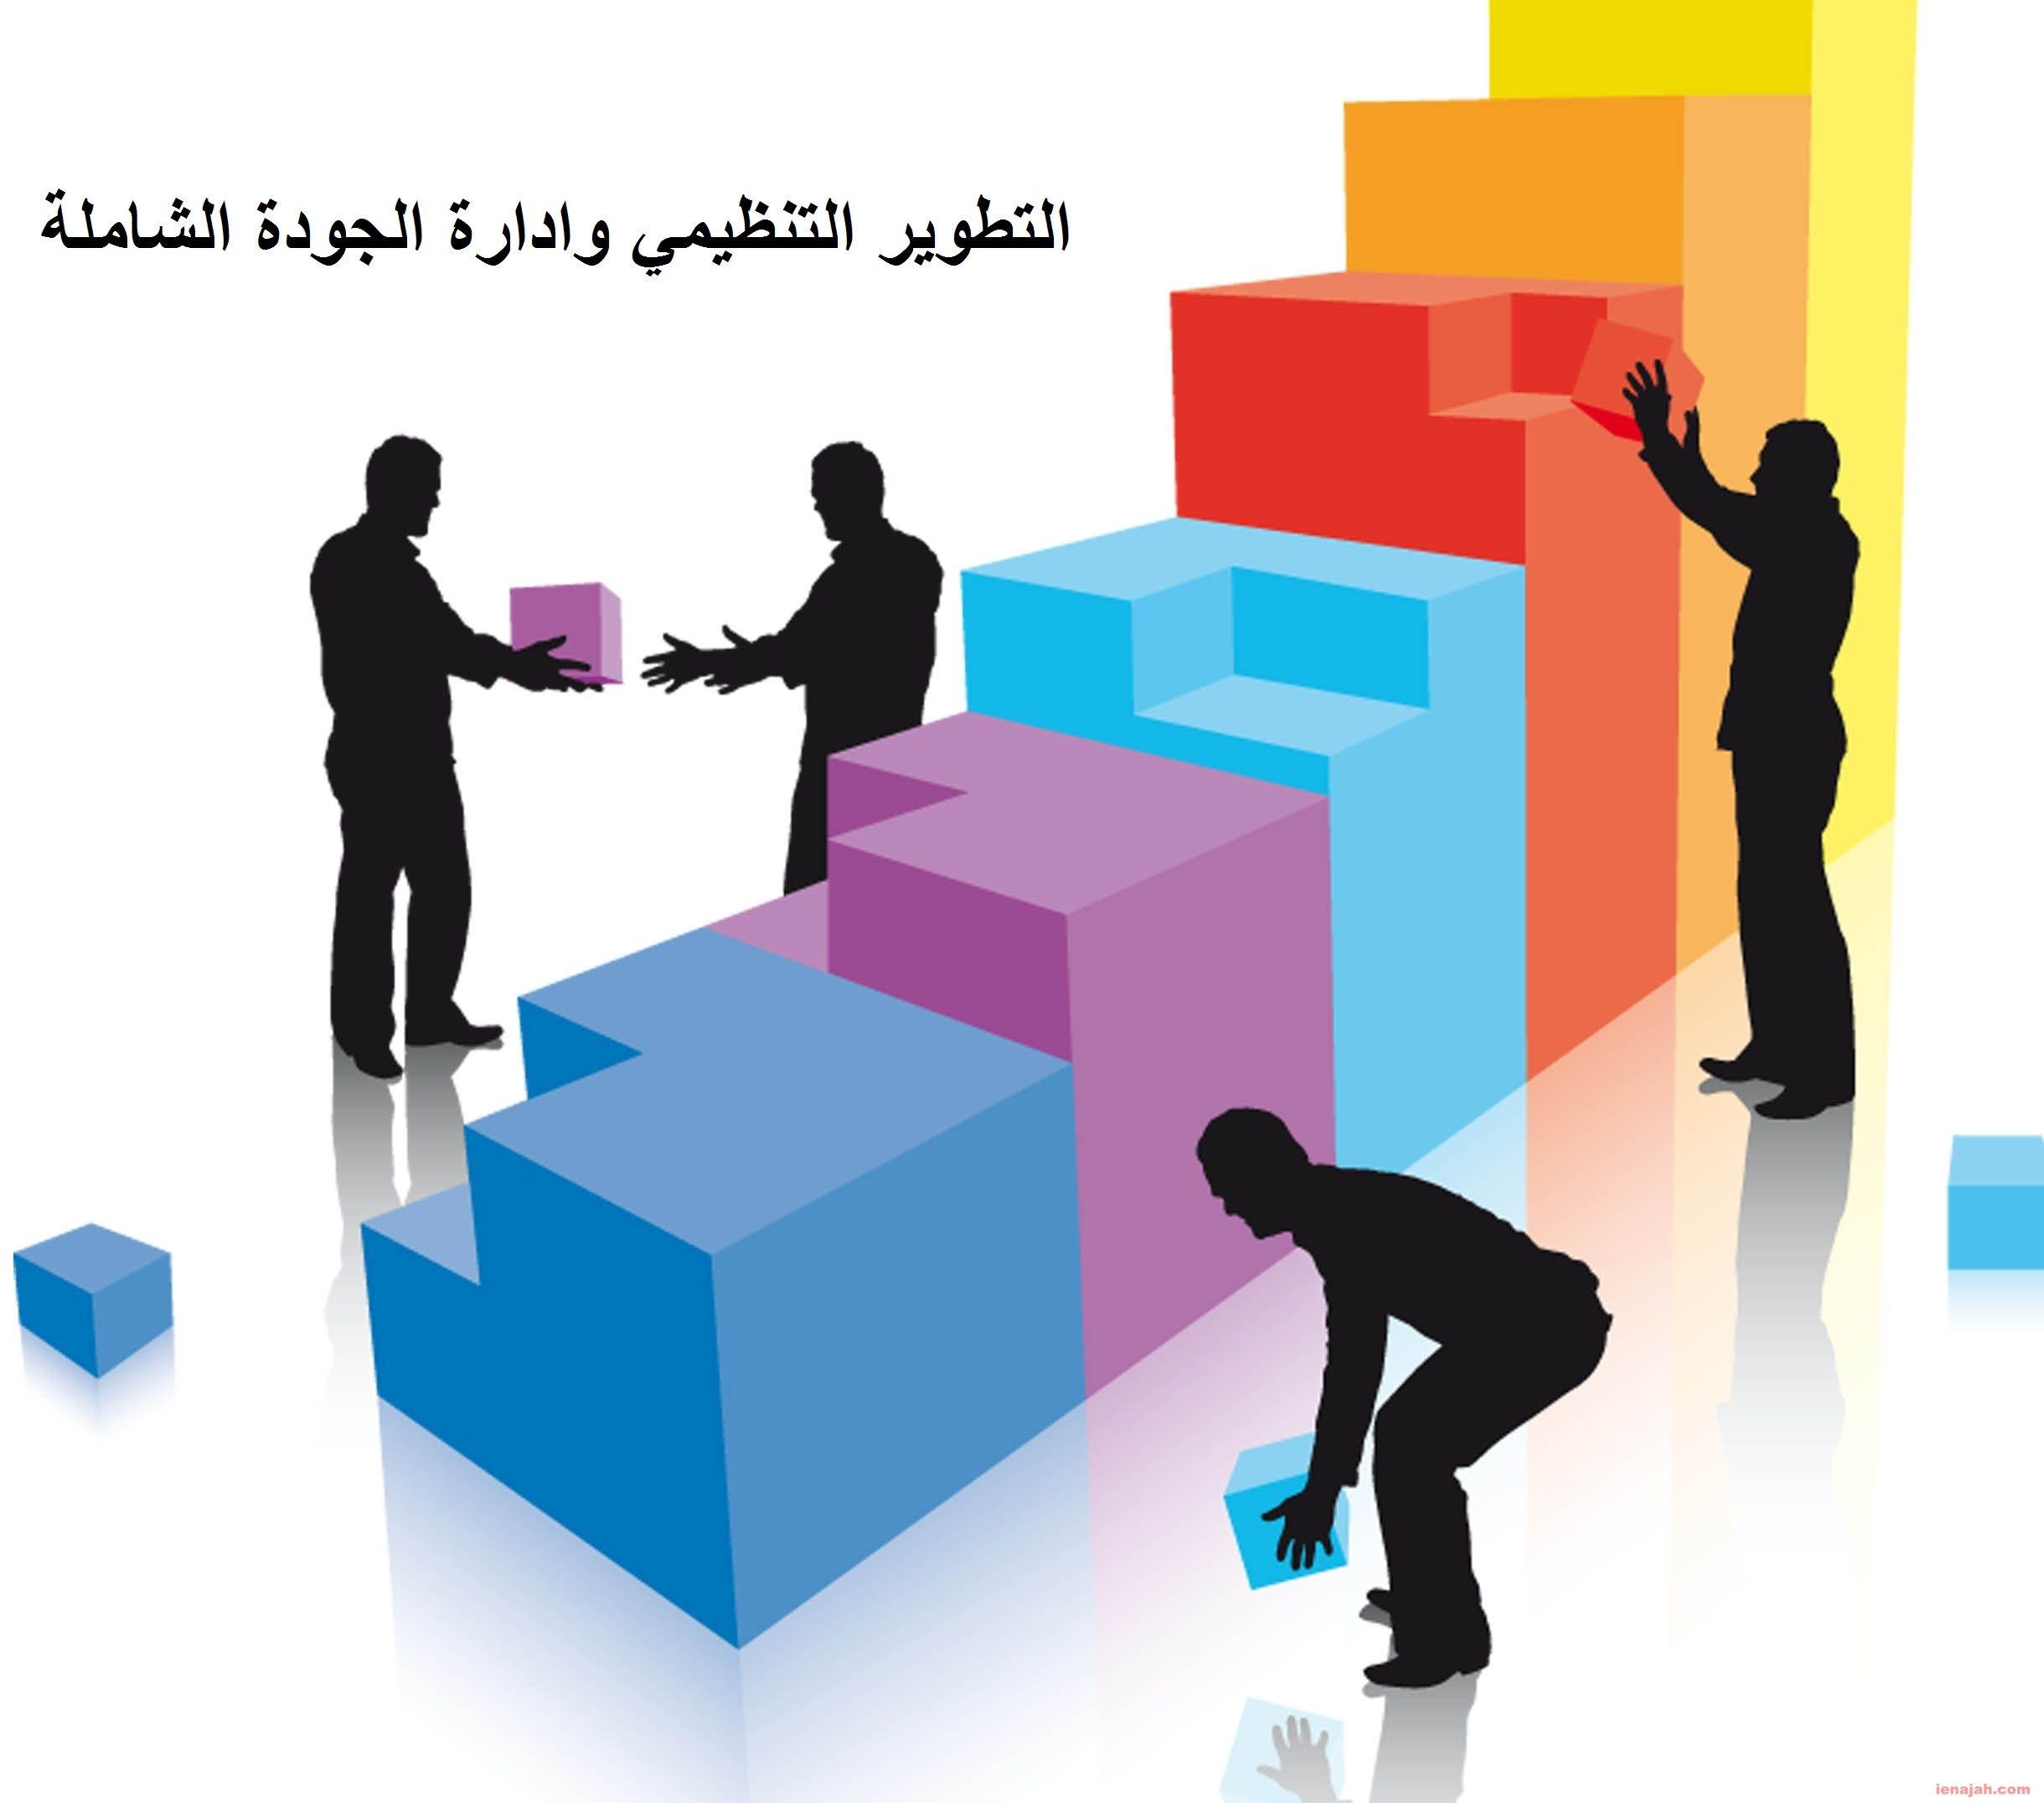 التطوير التنظيمي و إدارة الجودة الشاملة منتديات الهندسة